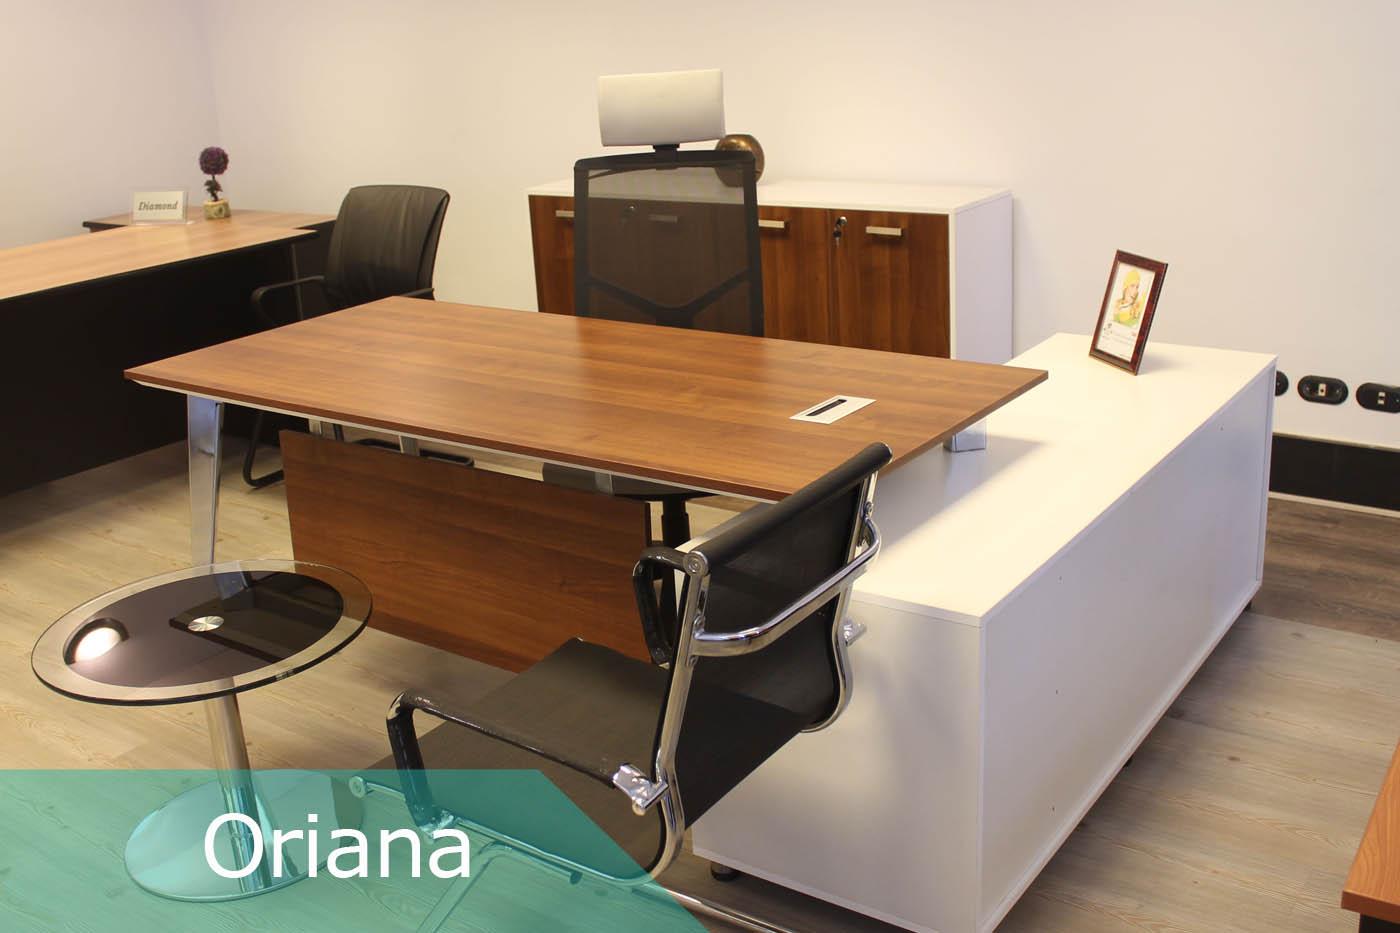 oriana_new